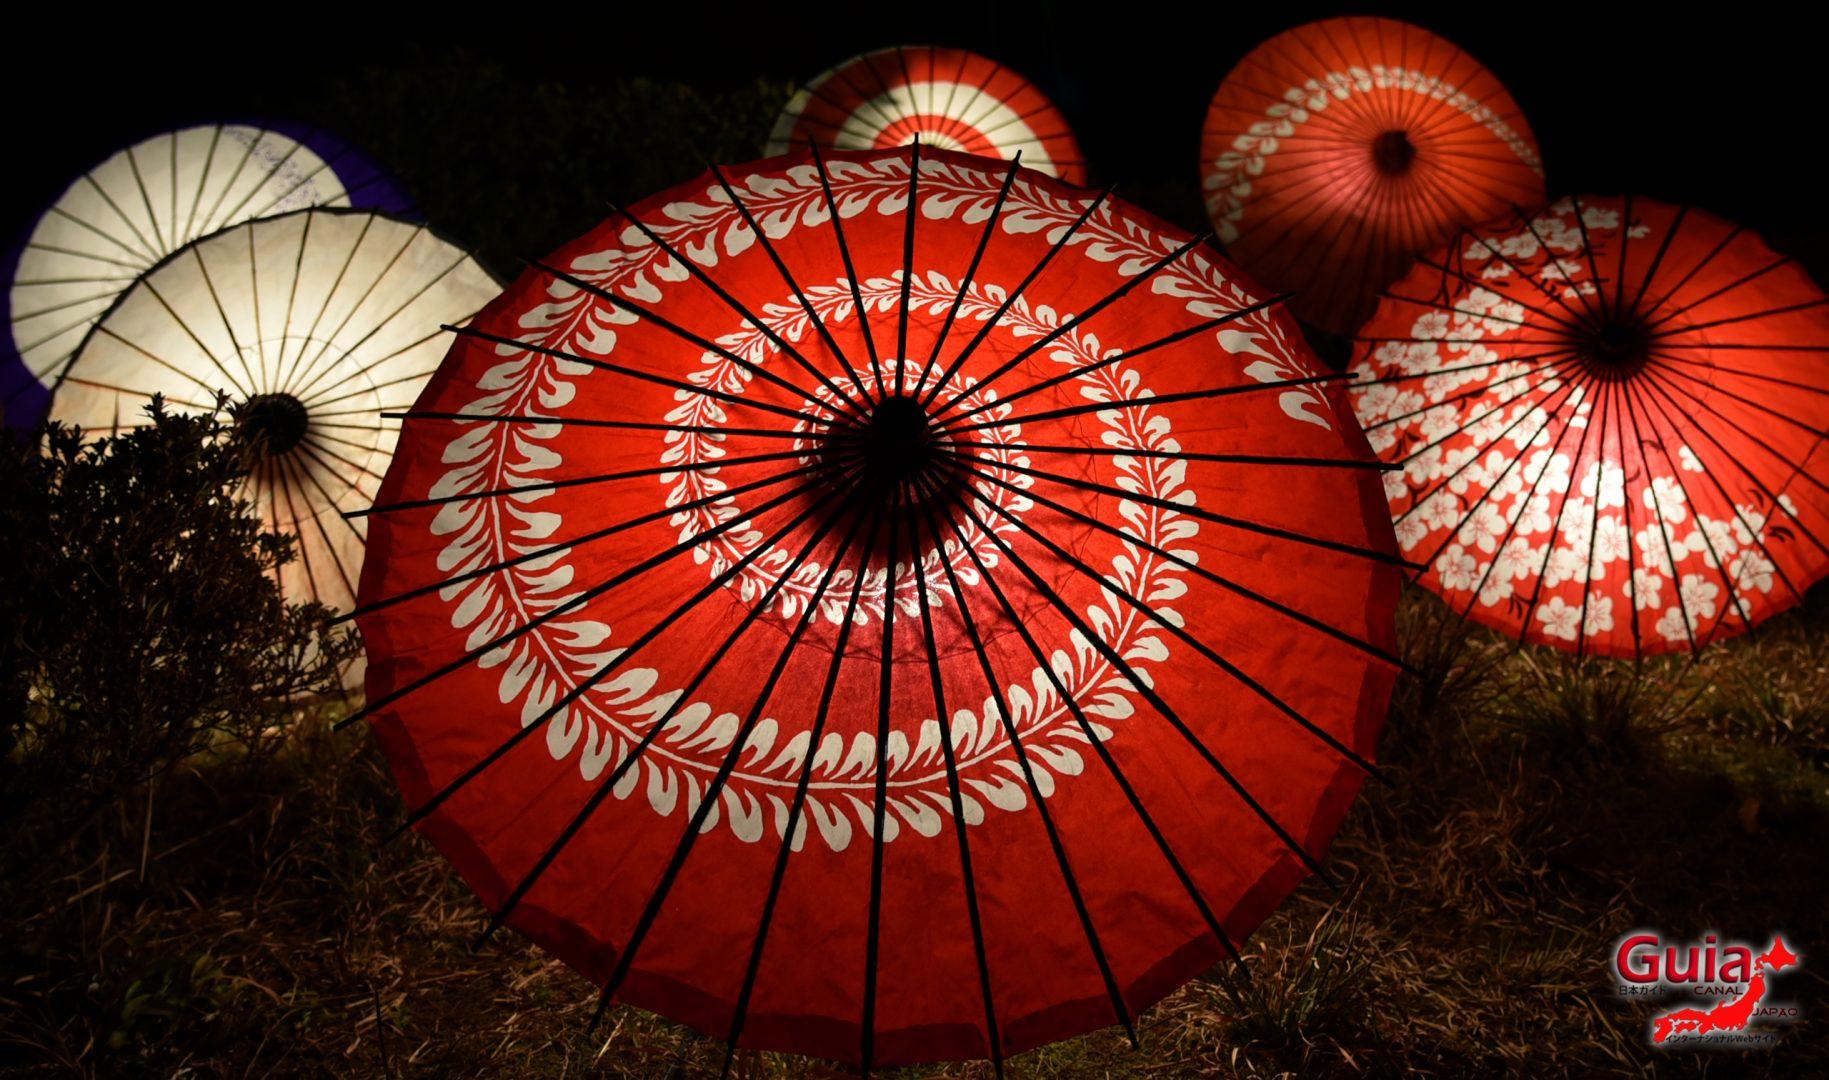 Мэйжи-Мура музей - Баярын гэрэлтүүлэг 17